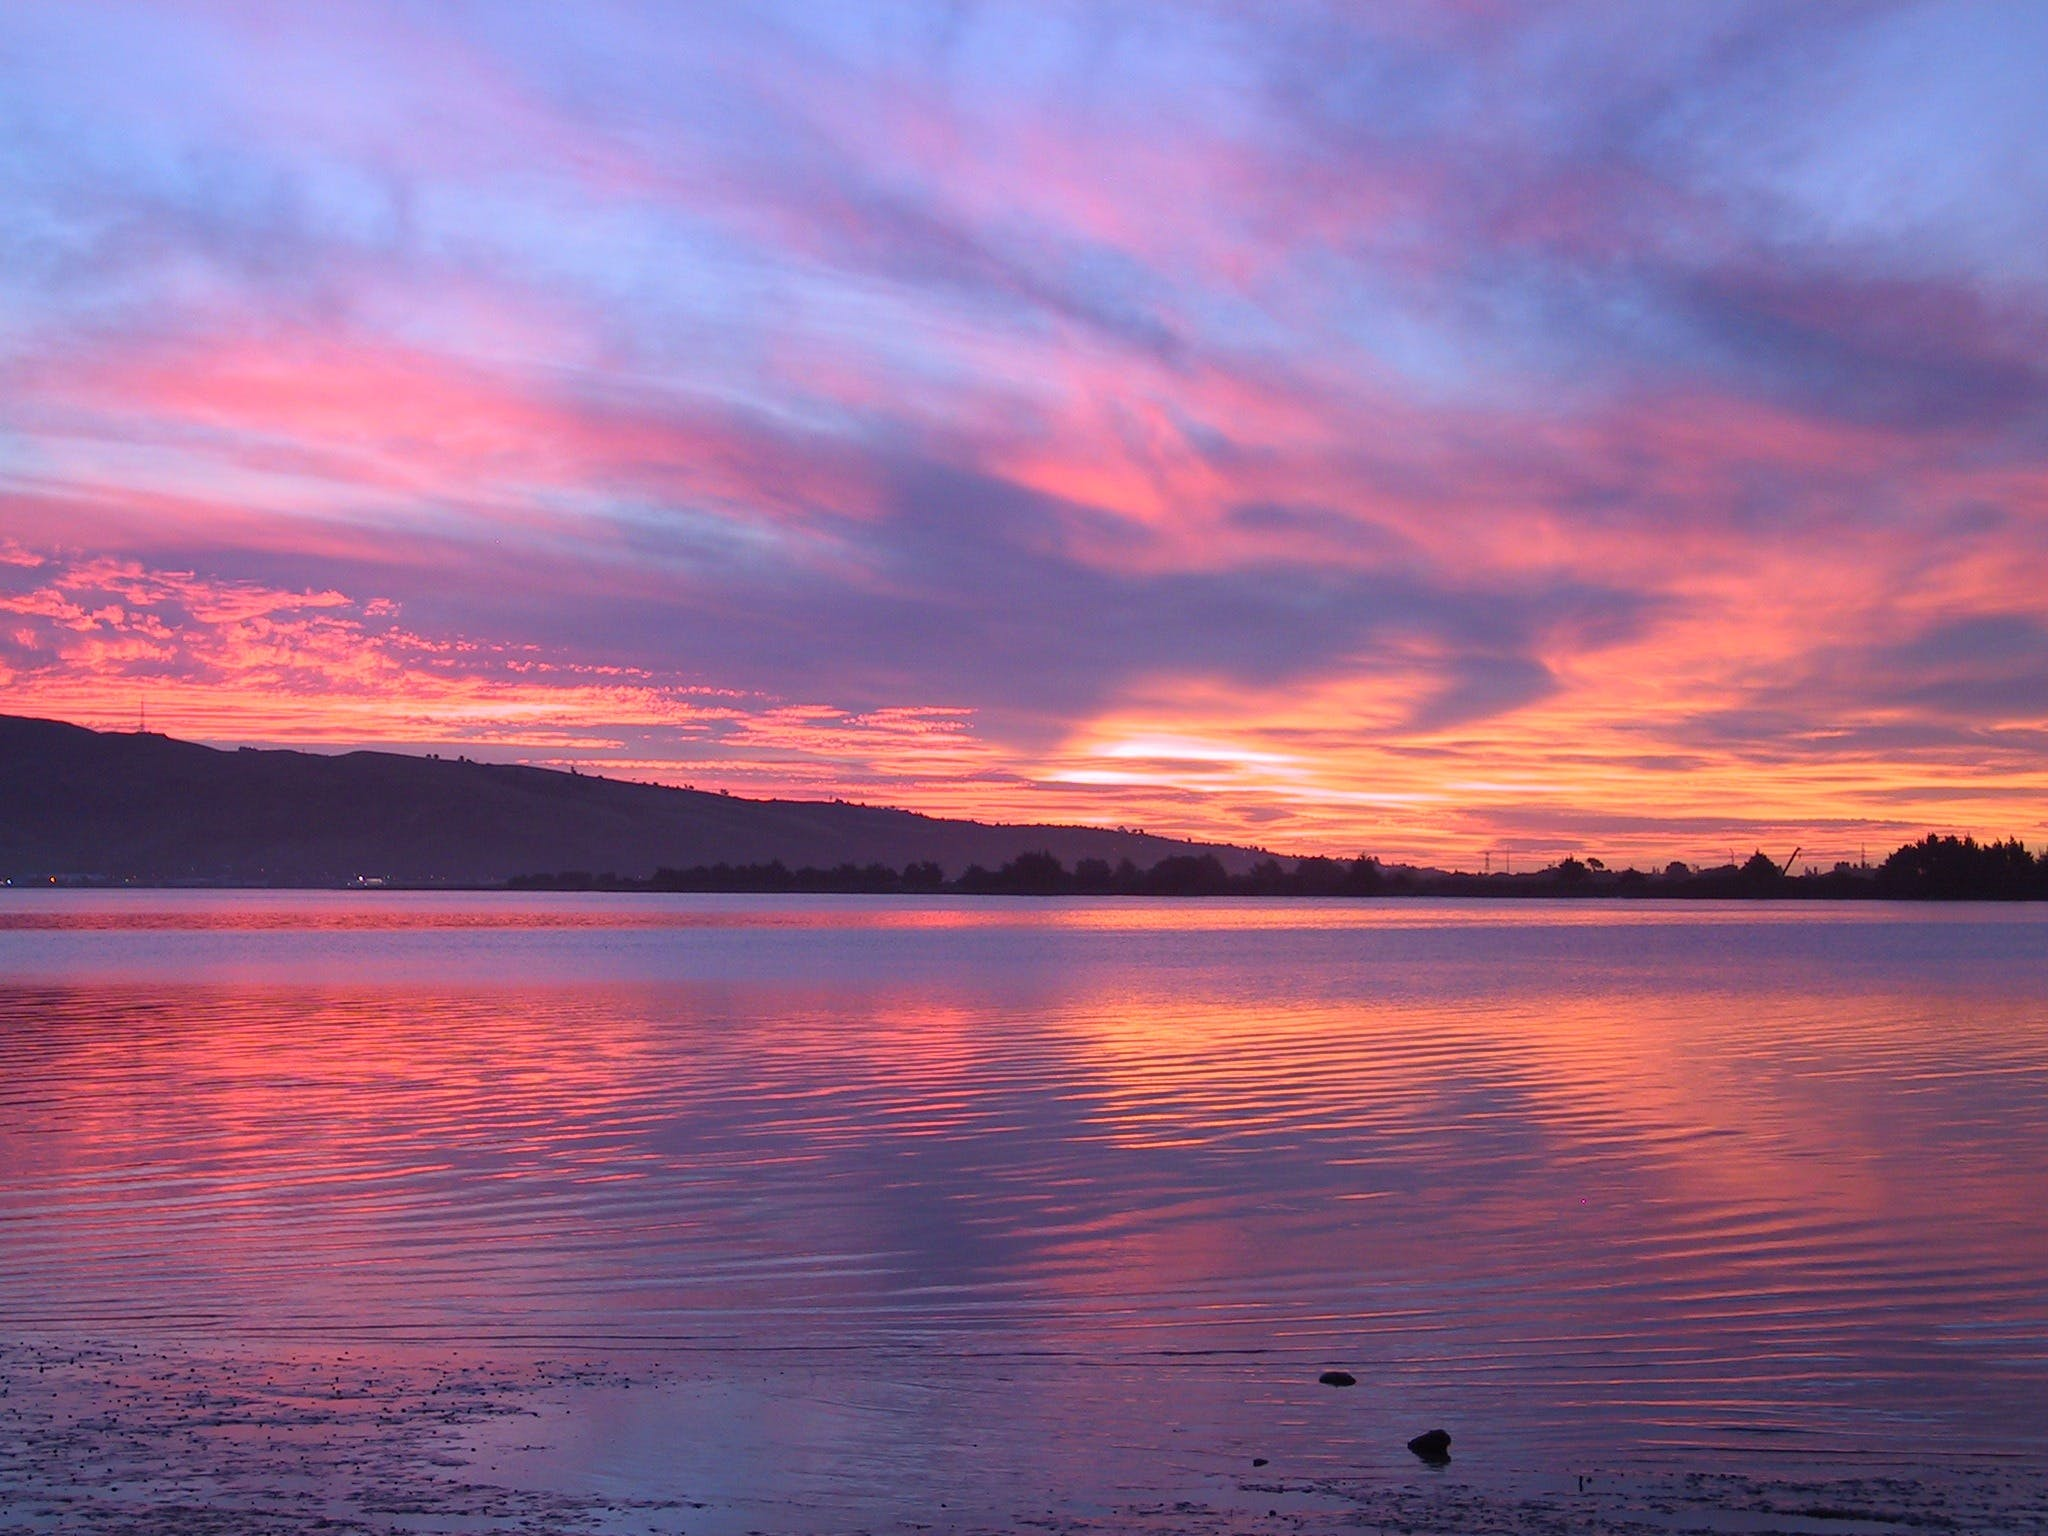 天性, 天空, 山, 日出 的 免费素材照片